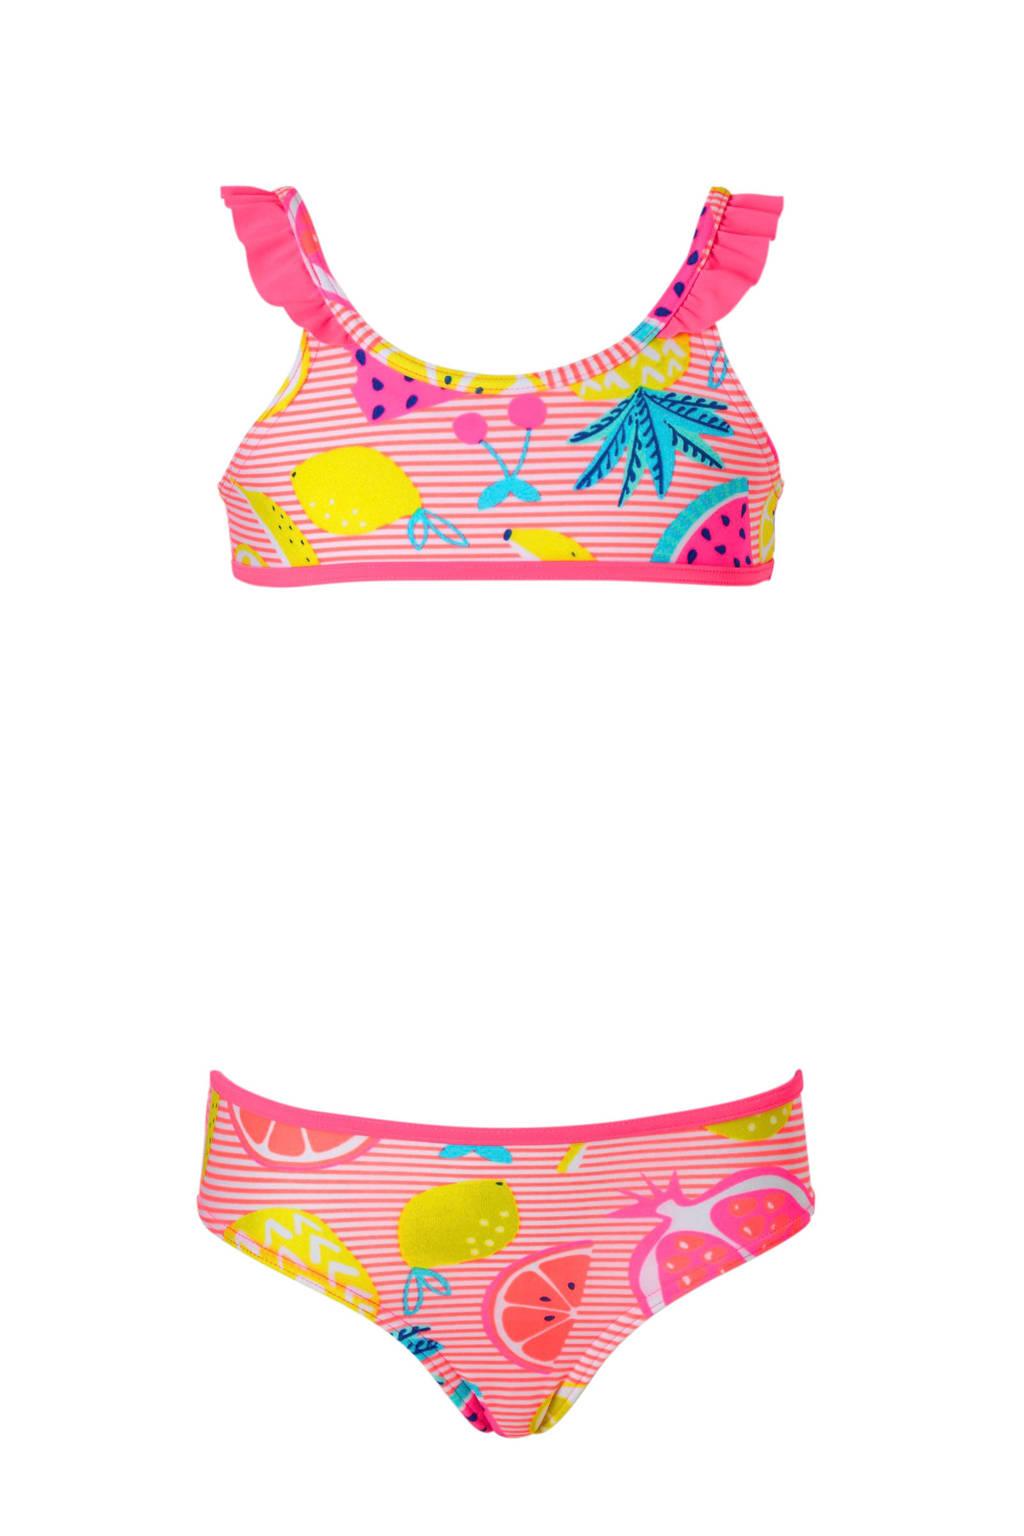 C&A Rodeo bikini met ananas roze, Neon roze/geel/blauw